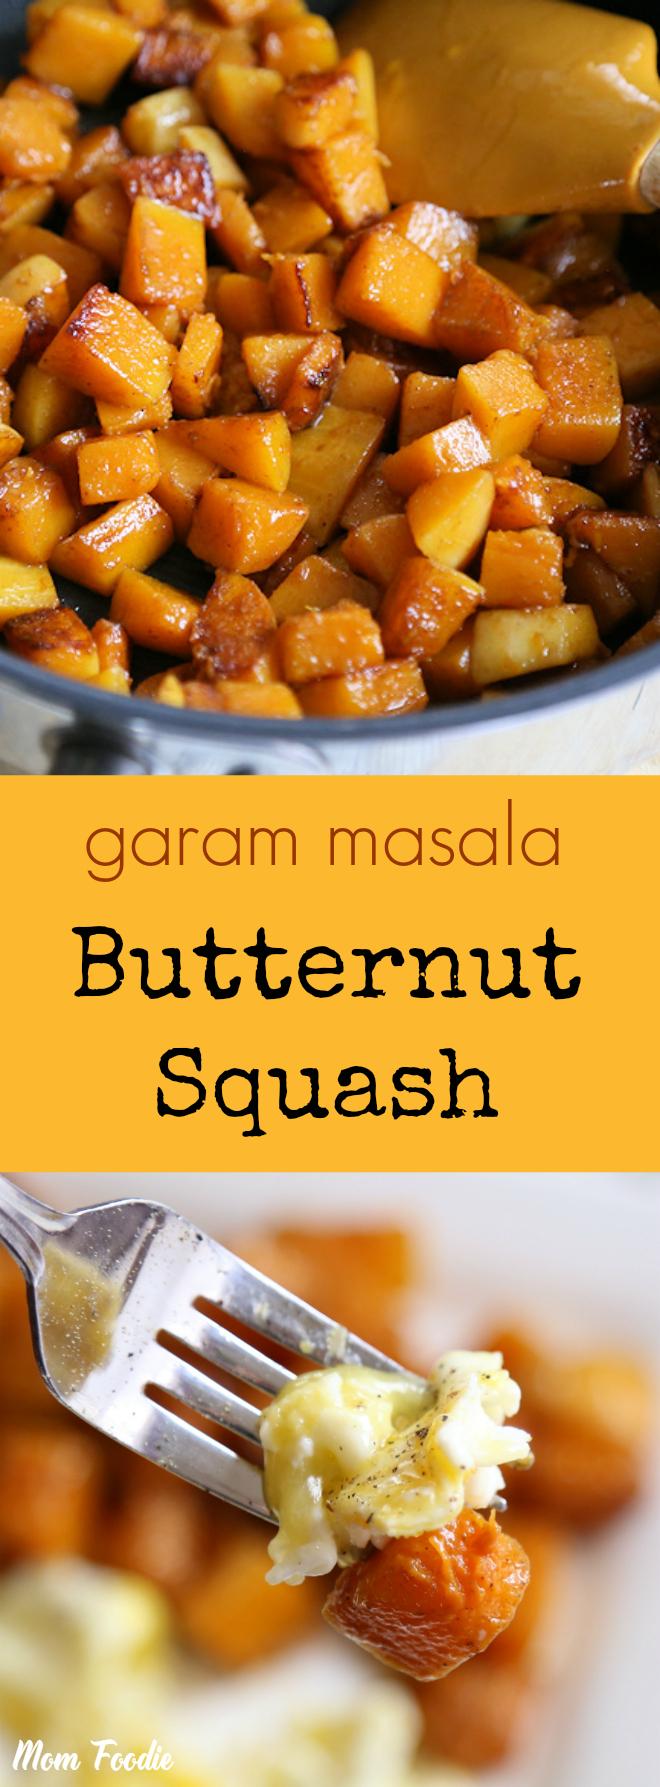 garam masala butternut squash